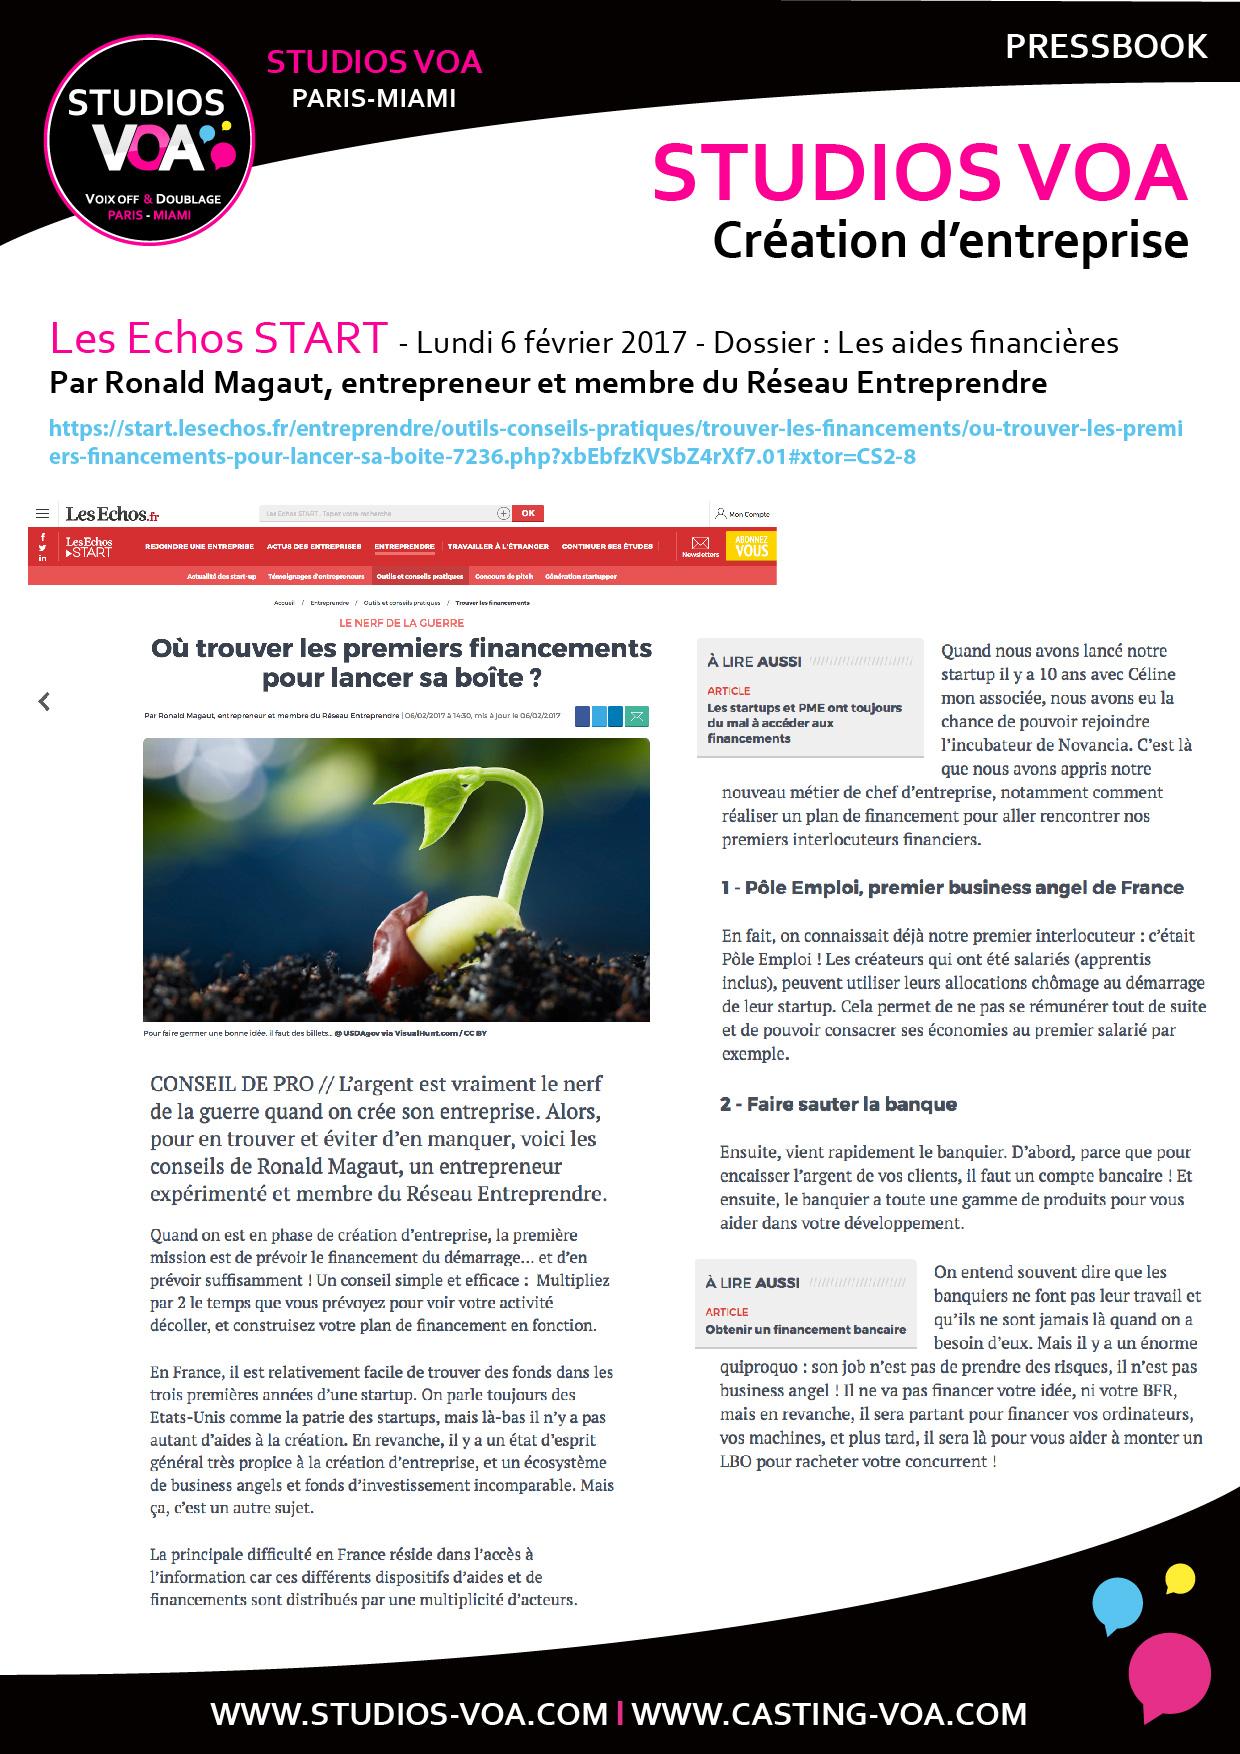 Pressbook-VOA_23-02-2017_Plan-de-travail_Les-Echos-star-1